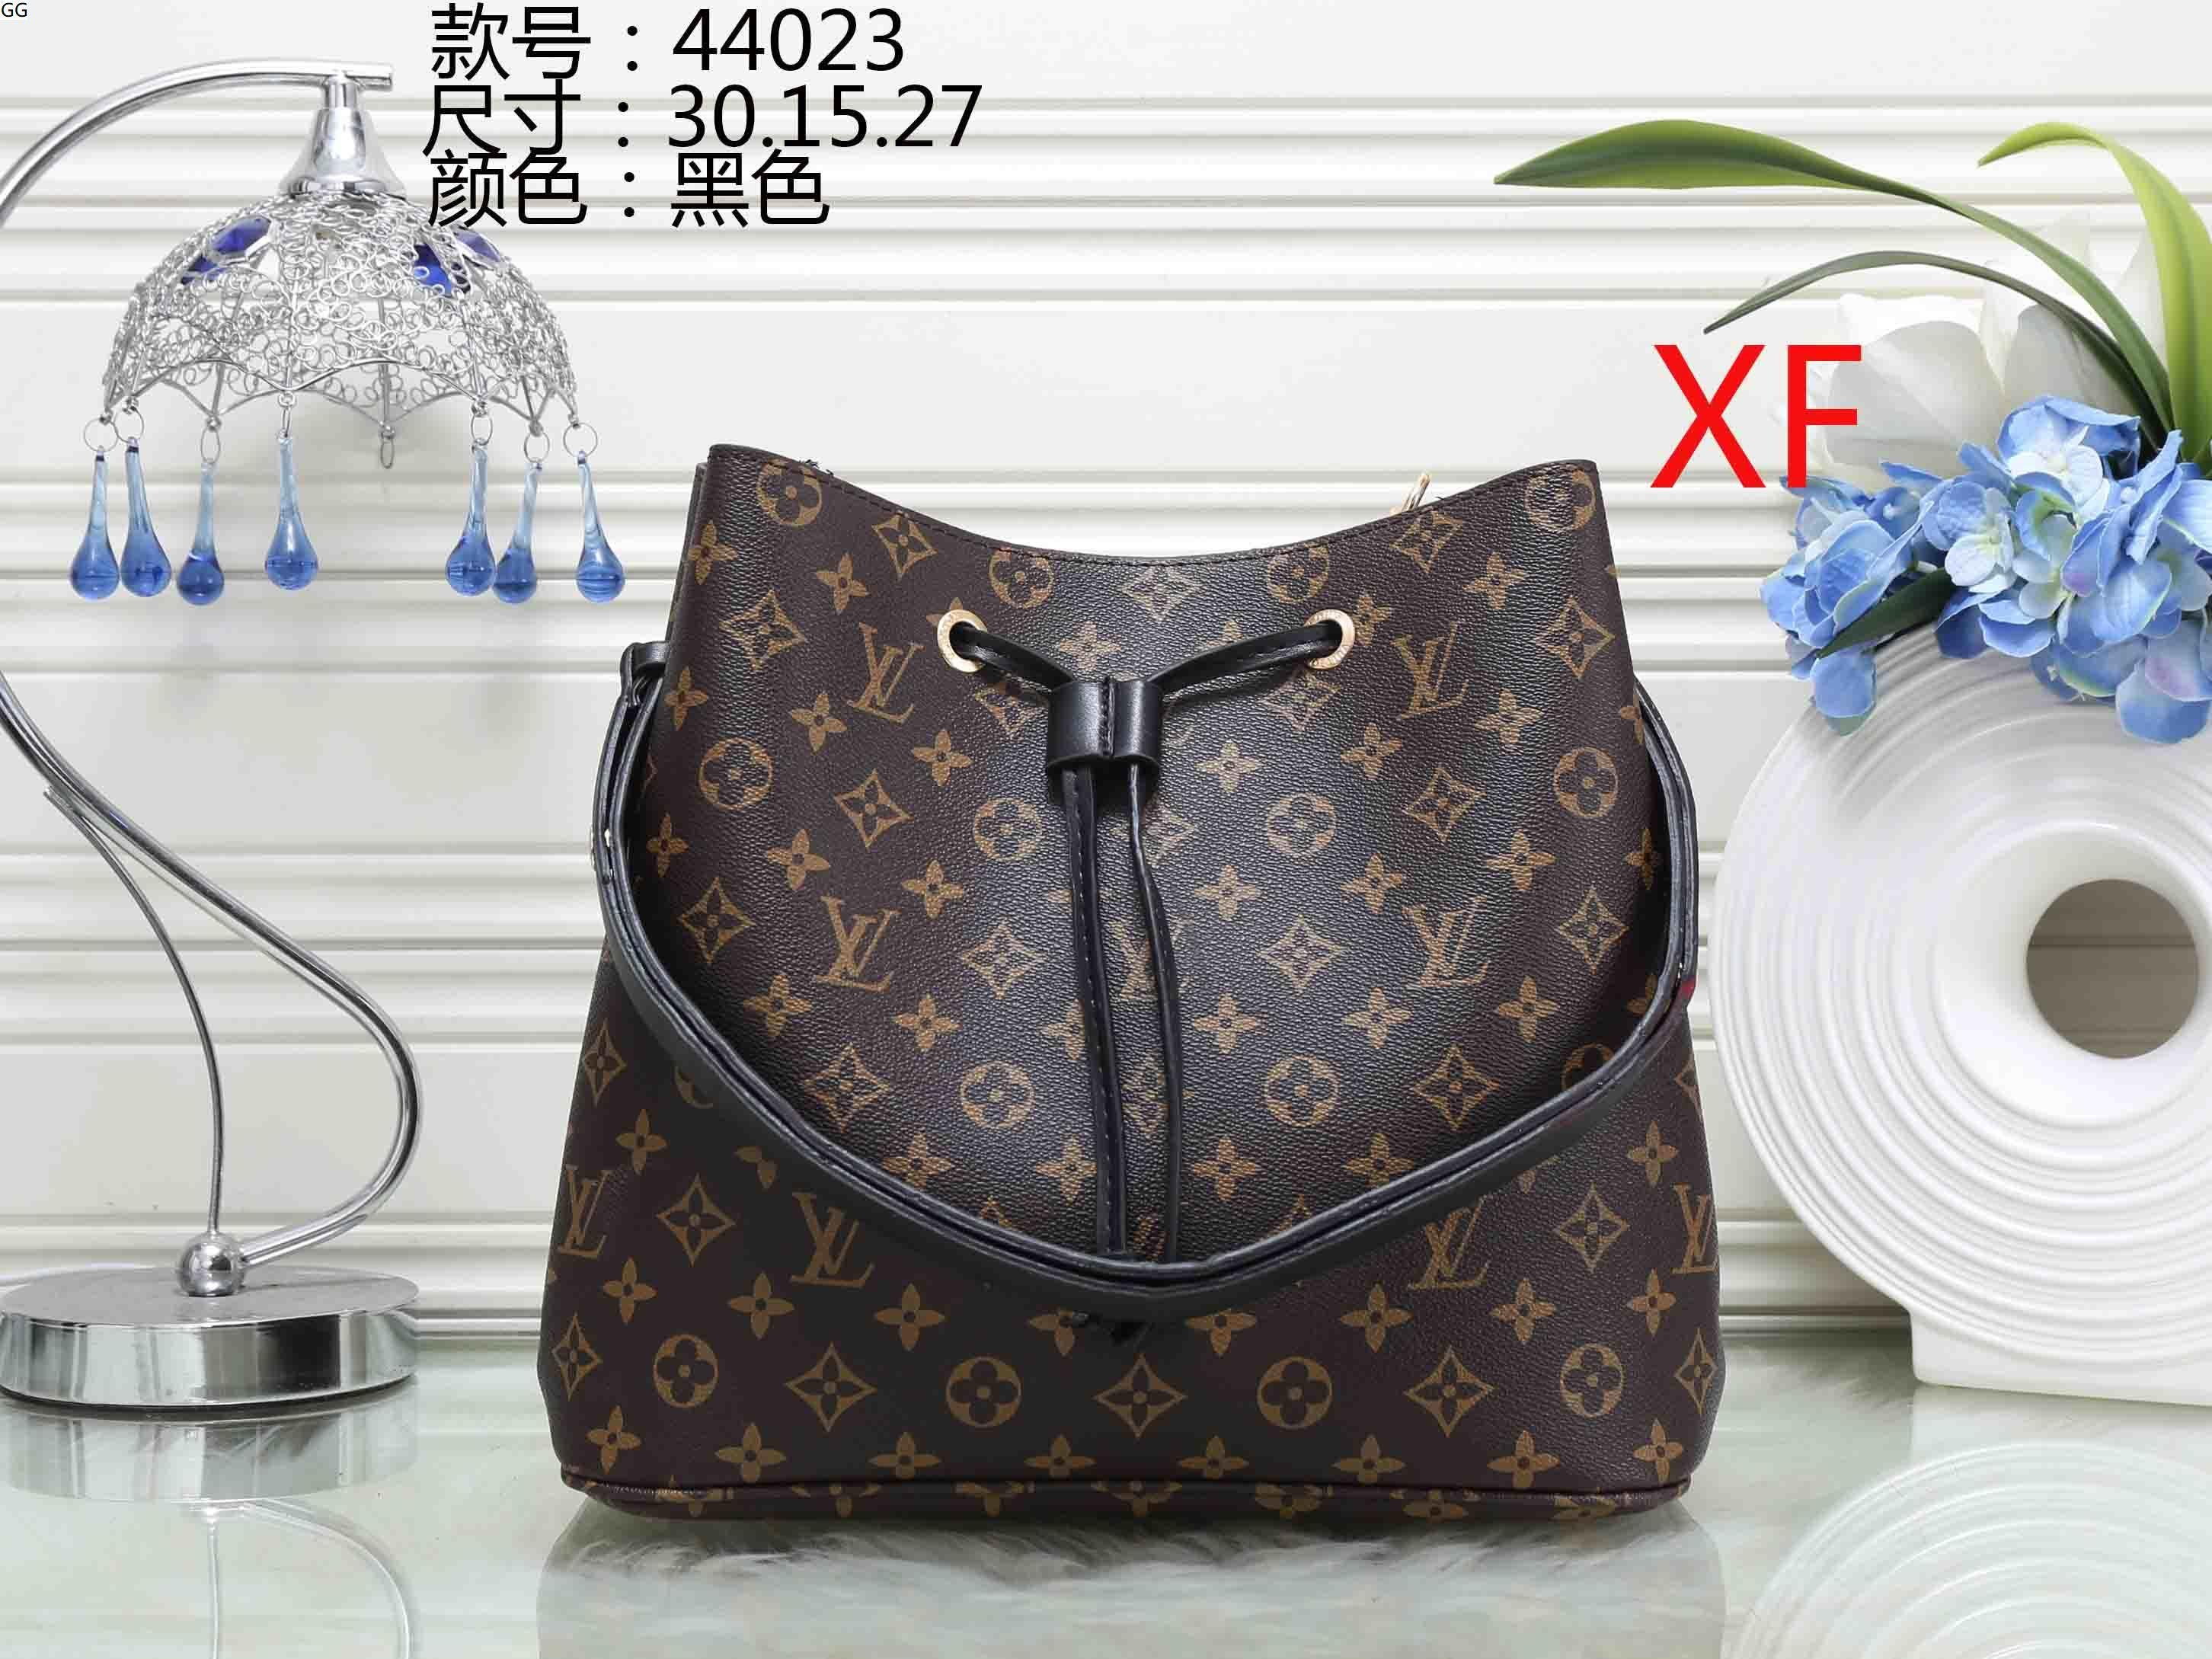 XX3 de alta calidad bolsa de hombro bolso de marca de diseñadores luxurys bolso de la mujer del bolso del teléfono de impresión cadena de moda bolsa de la carpeta del envío libre E2HC